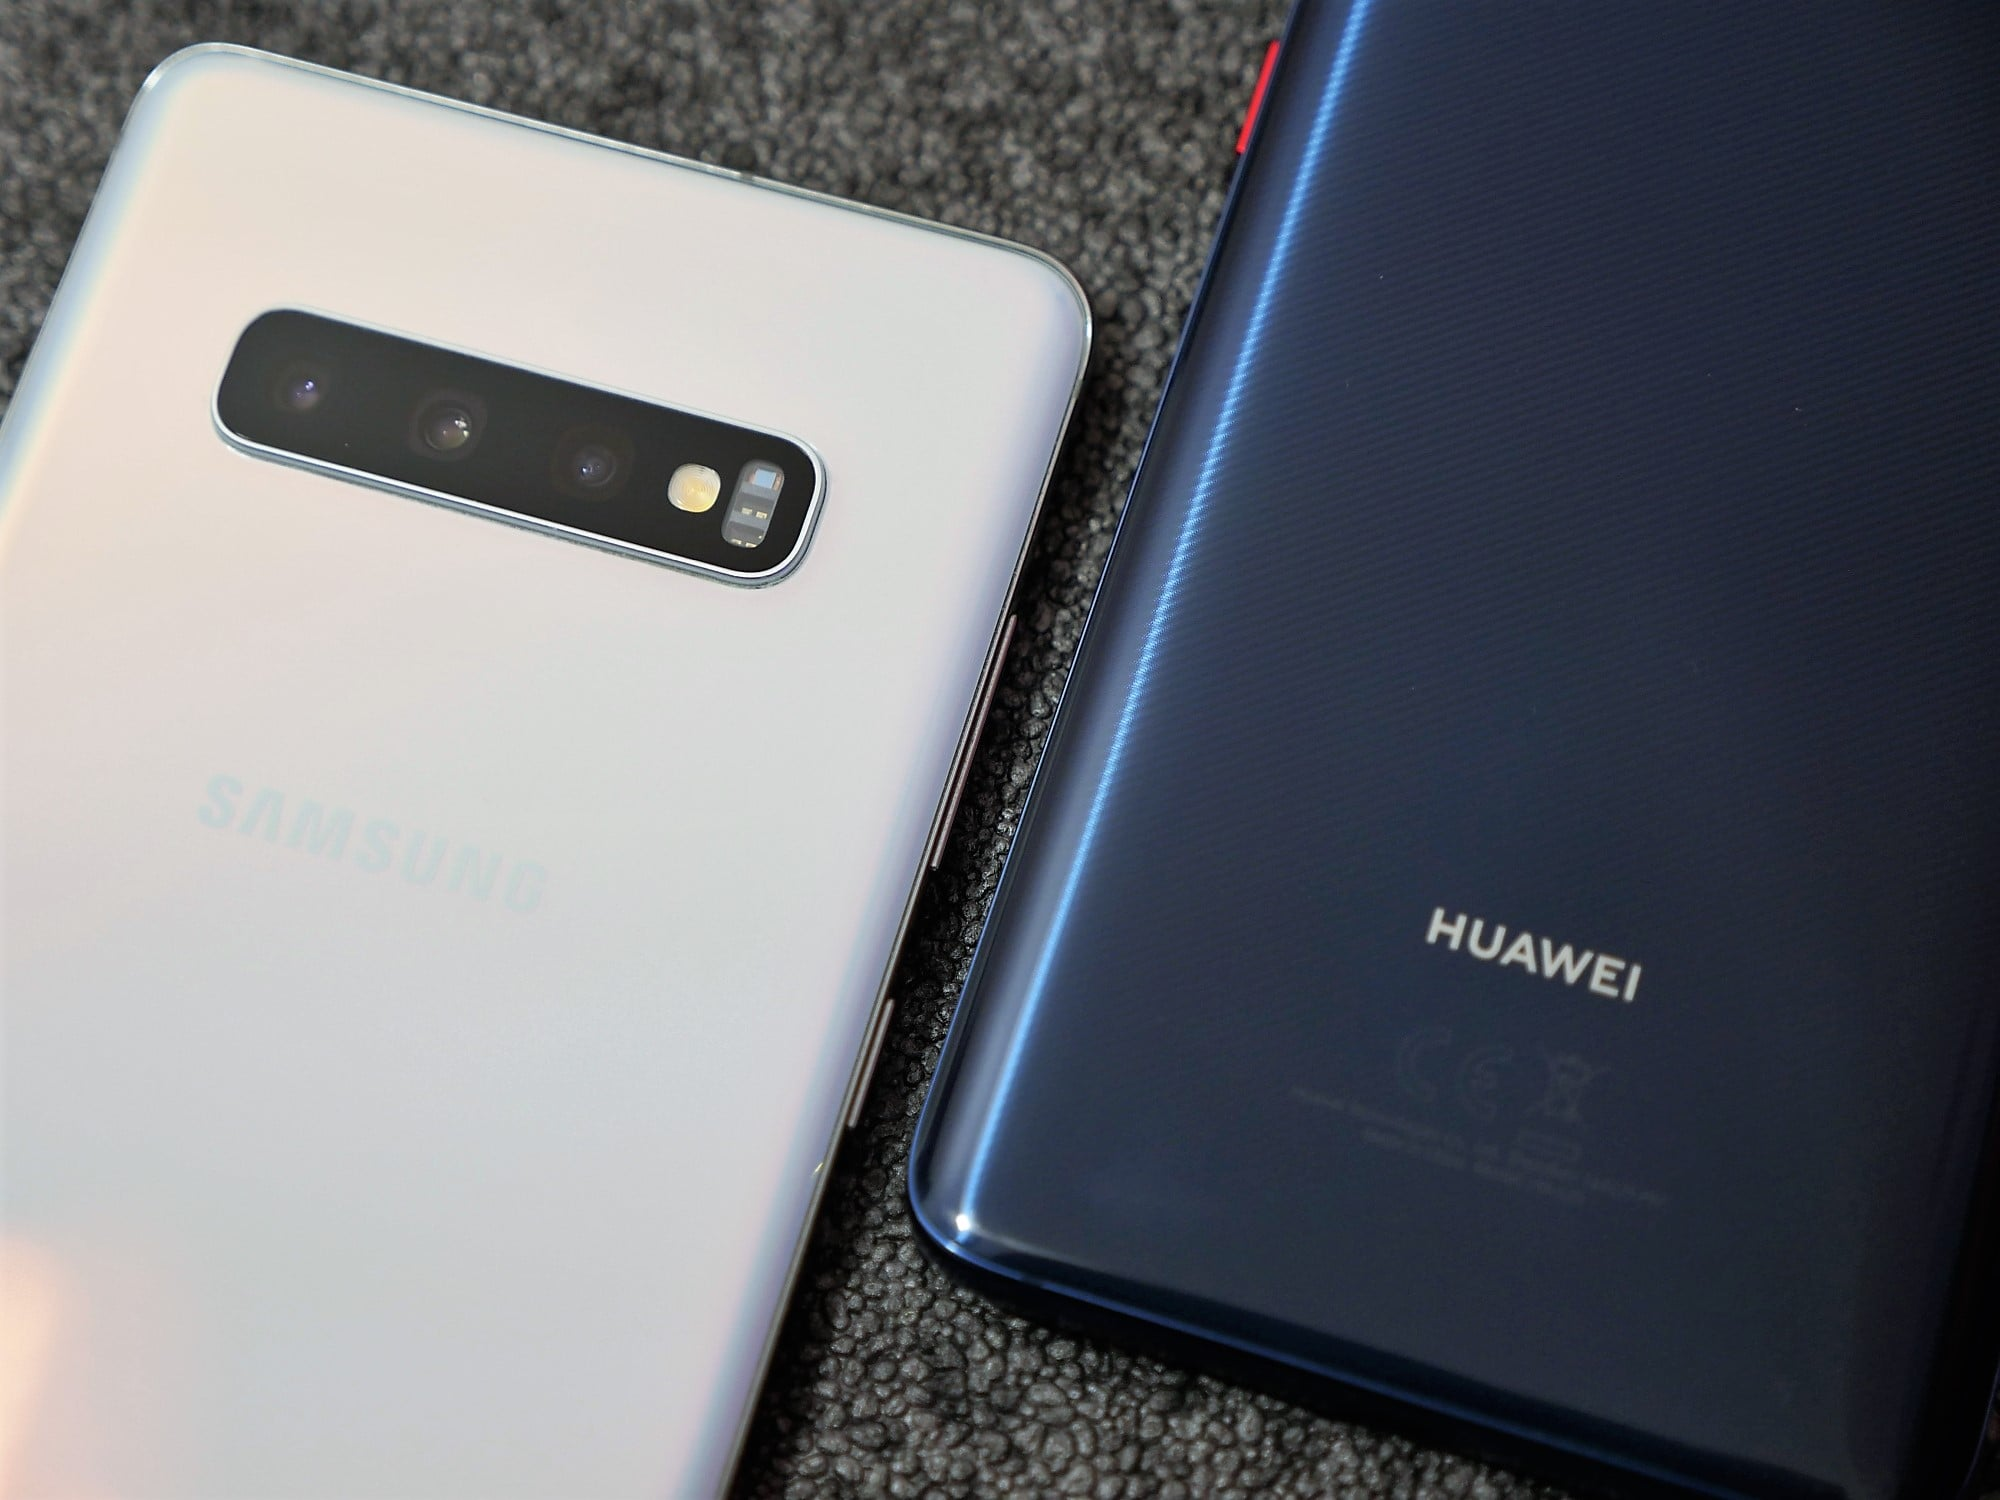 Huawei coraz bliżej Samsunga. Czas pokaże, czy zamienią się miejscami na podium